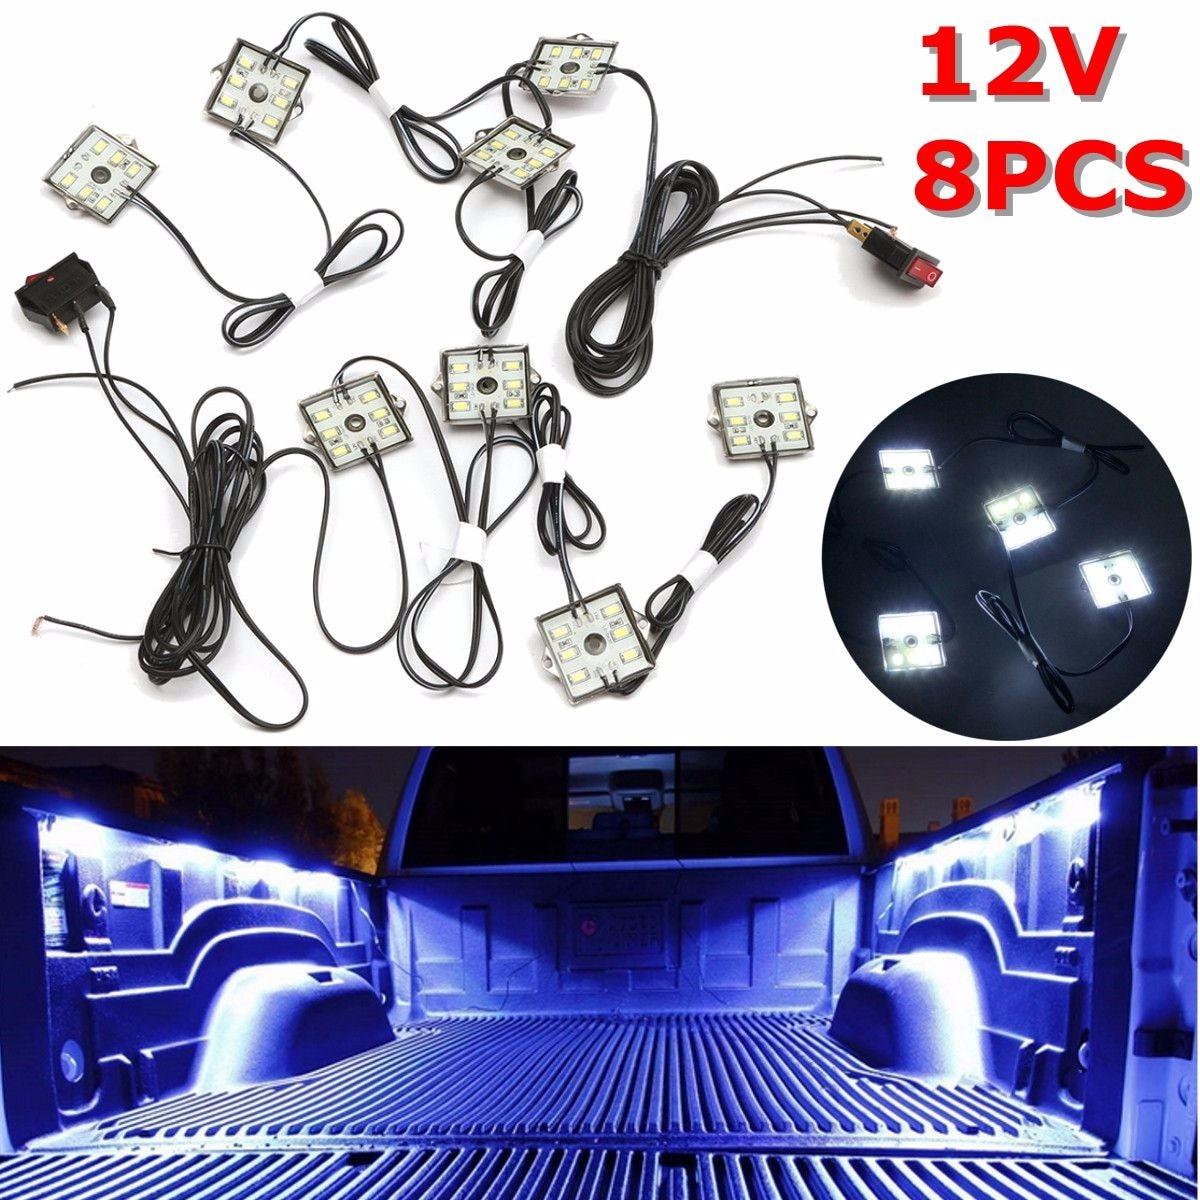 12 V 8 stücke Wasserdichte 5630 SMD Ladefläche/Arbeit Box Led-beleuchtung Kit Weißen Strahl